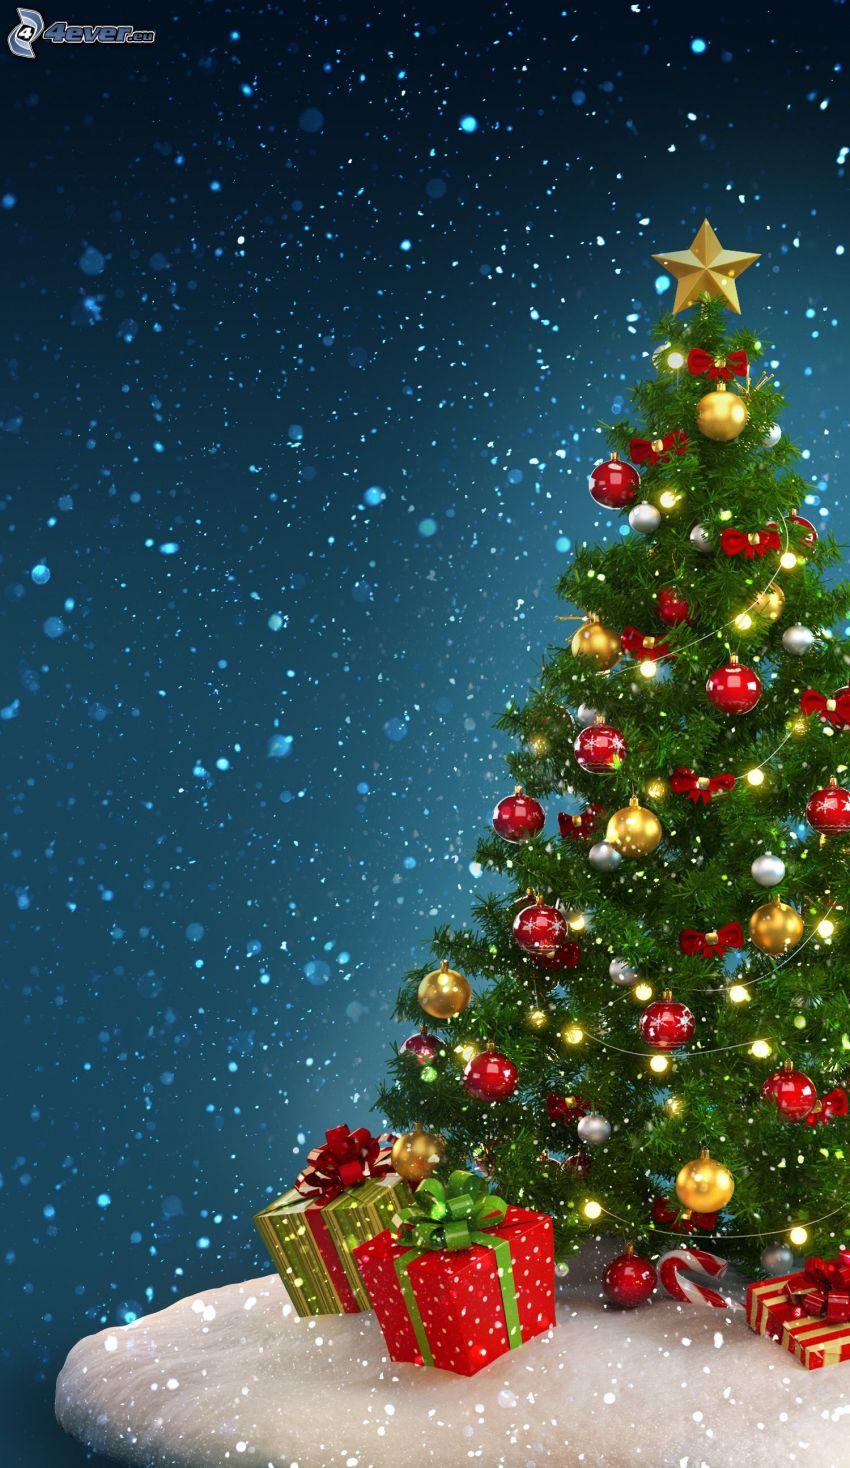 arbre de Noël, boules de Noël, cadeaux, chute de neige, dessin animé